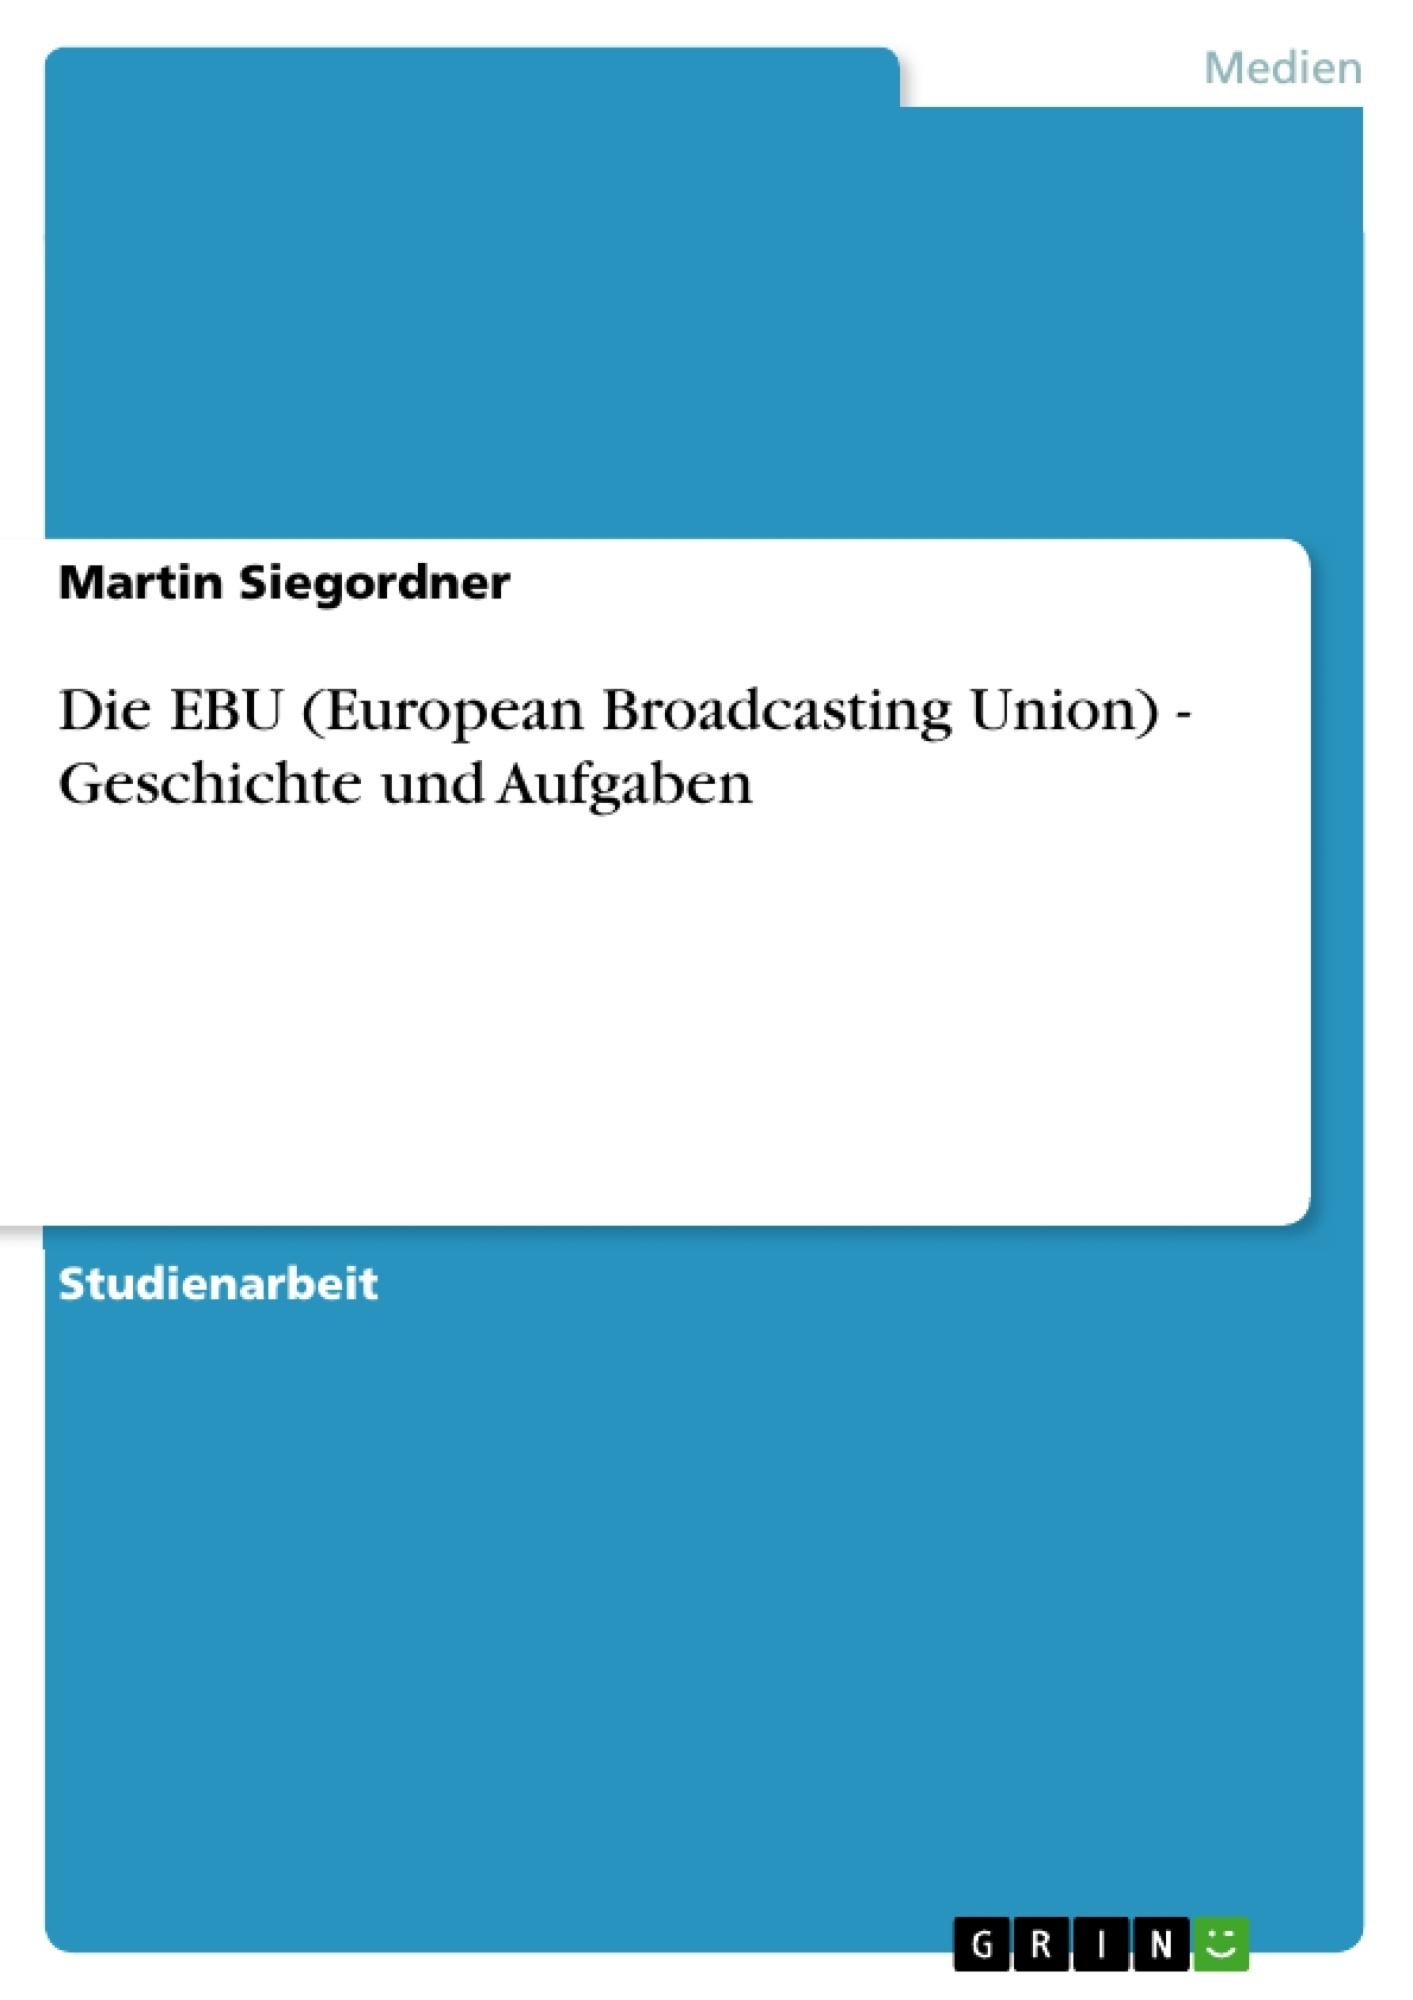 Titel: Die EBU (European Broadcasting Union) - Geschichte und Aufgaben